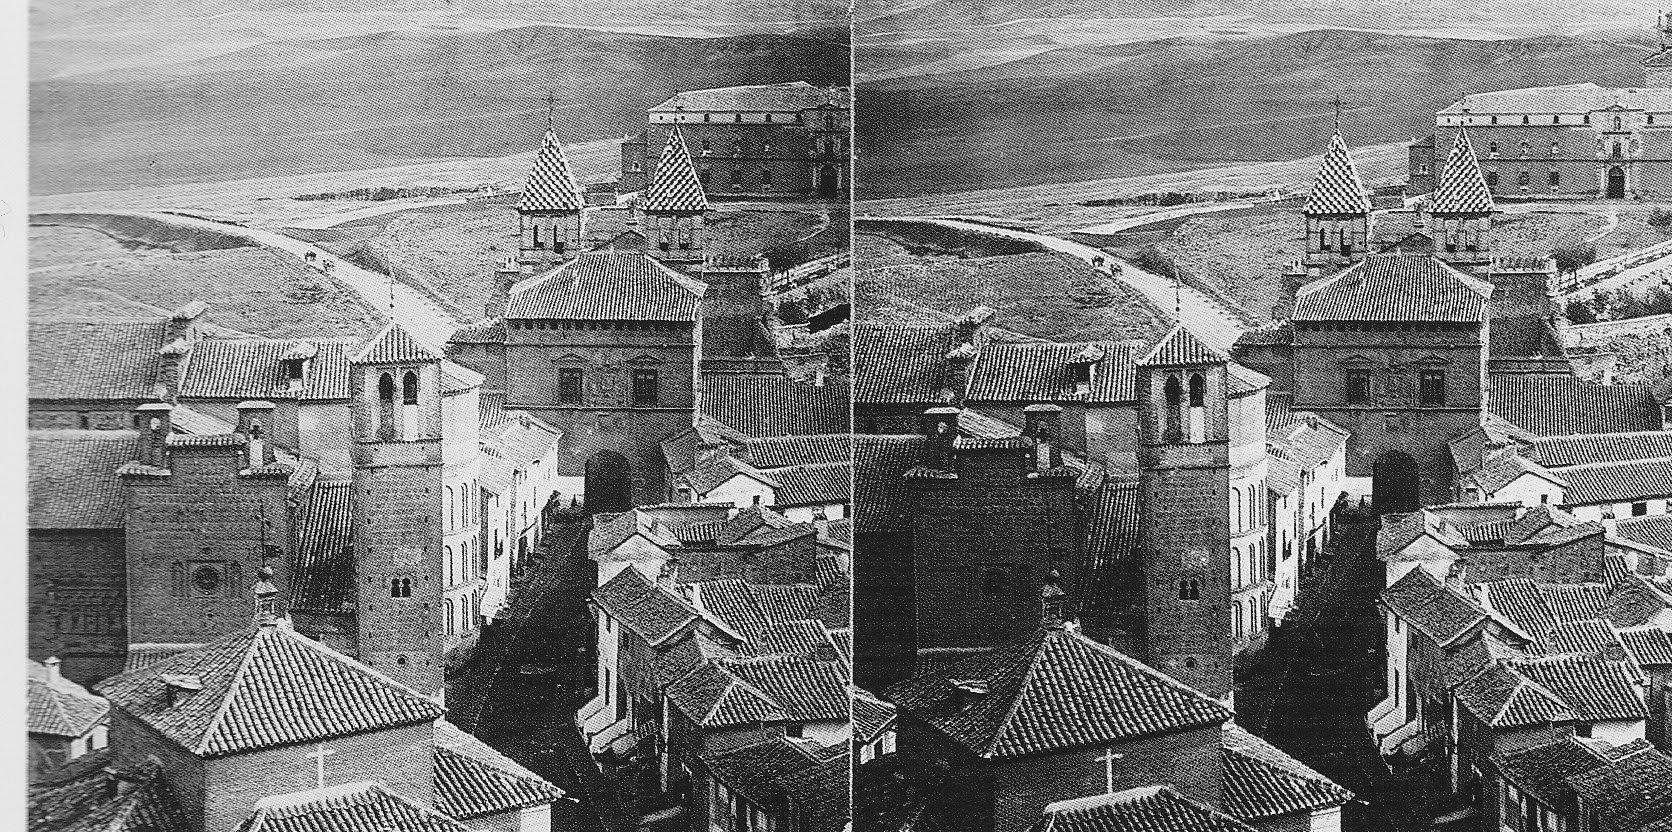 Santiago del Arrabal, Puerta de Bisagra y Hospital Tavera hacia 1860. Fotografía estereoscópica de Alfonso Begué. Colección Luis Alba